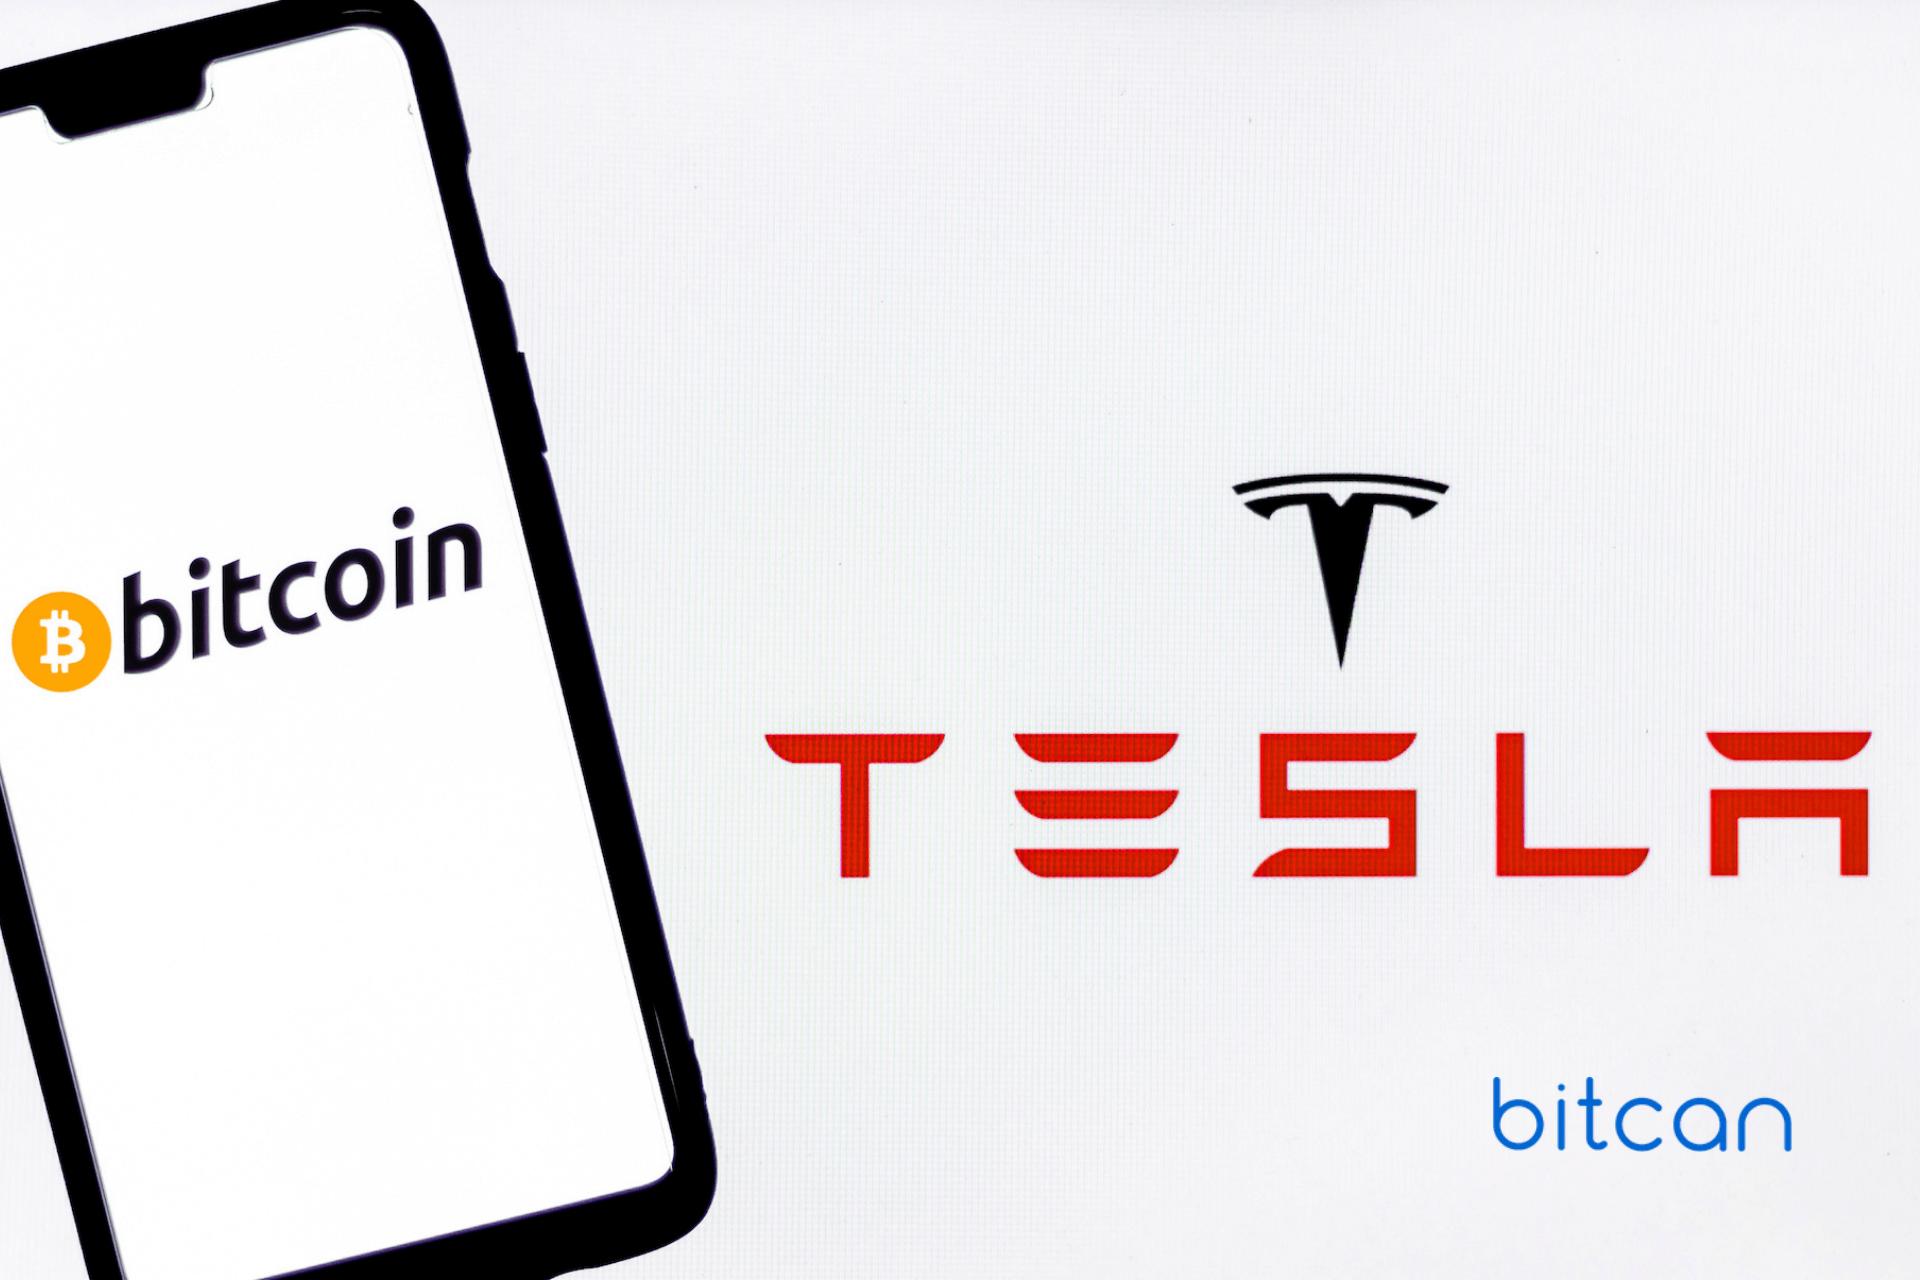 Tesla kupuje bitcoina. Elon Musk ponownie podbija cenę BTC